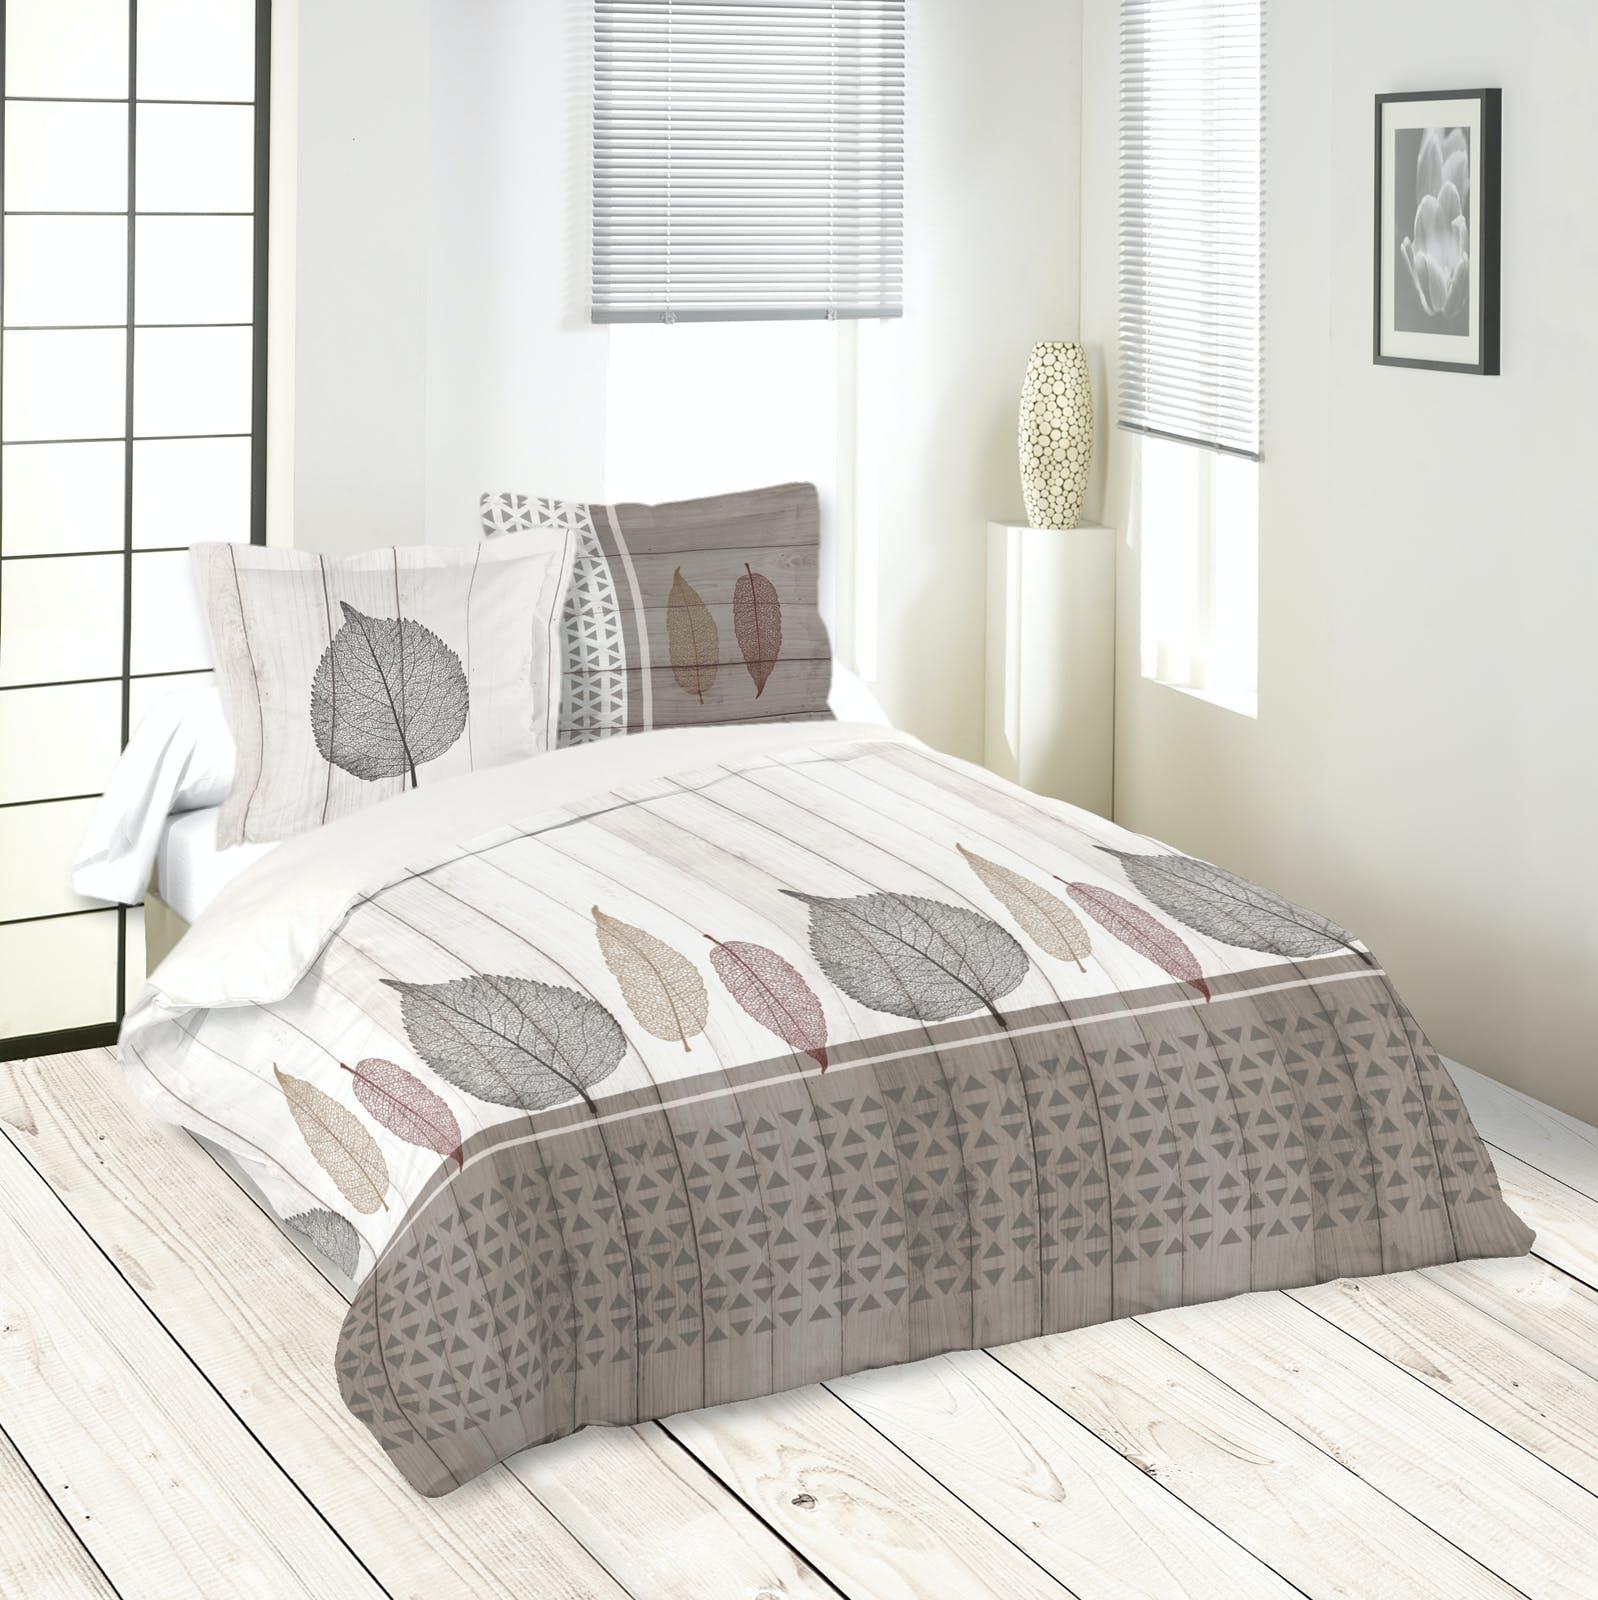 Parure de lit motifs feuilles 240x220cm housse de couette + 2 taies 63x63cm MONTEA